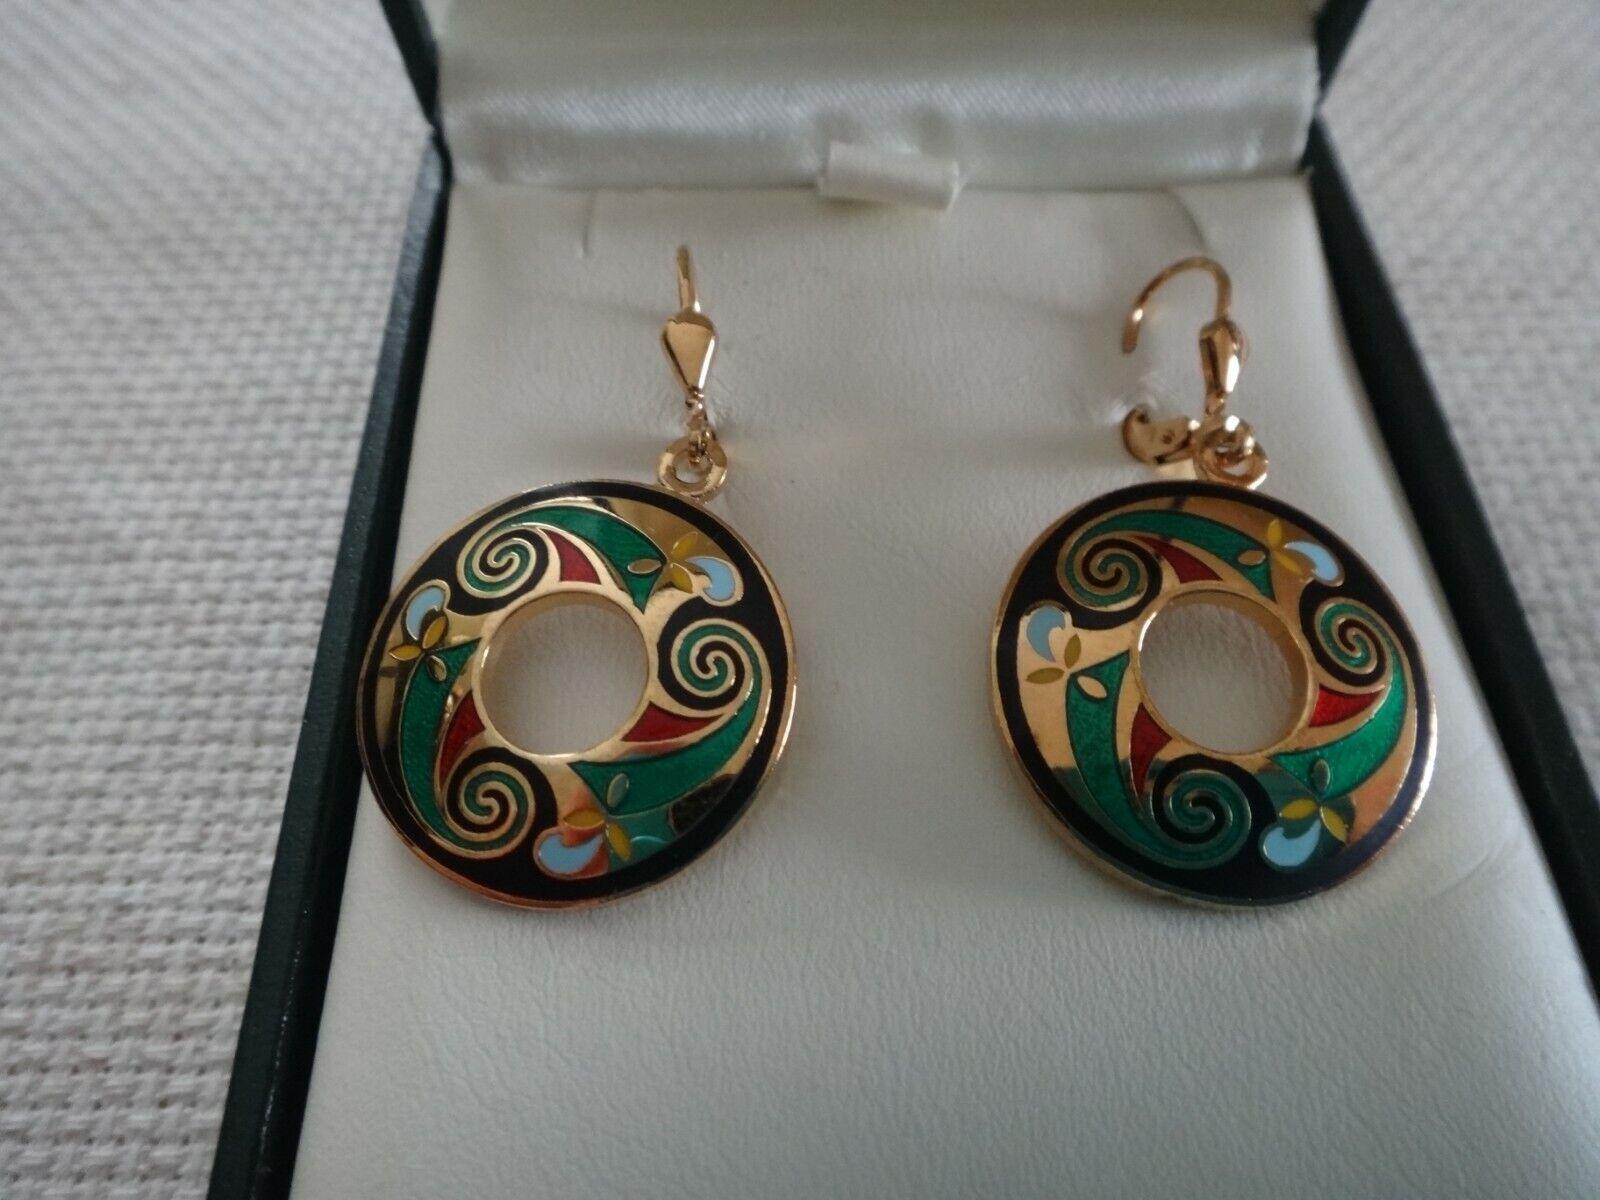 TARA, IRISH  JEWELRY  - BRAND NEW -  EARRINGS